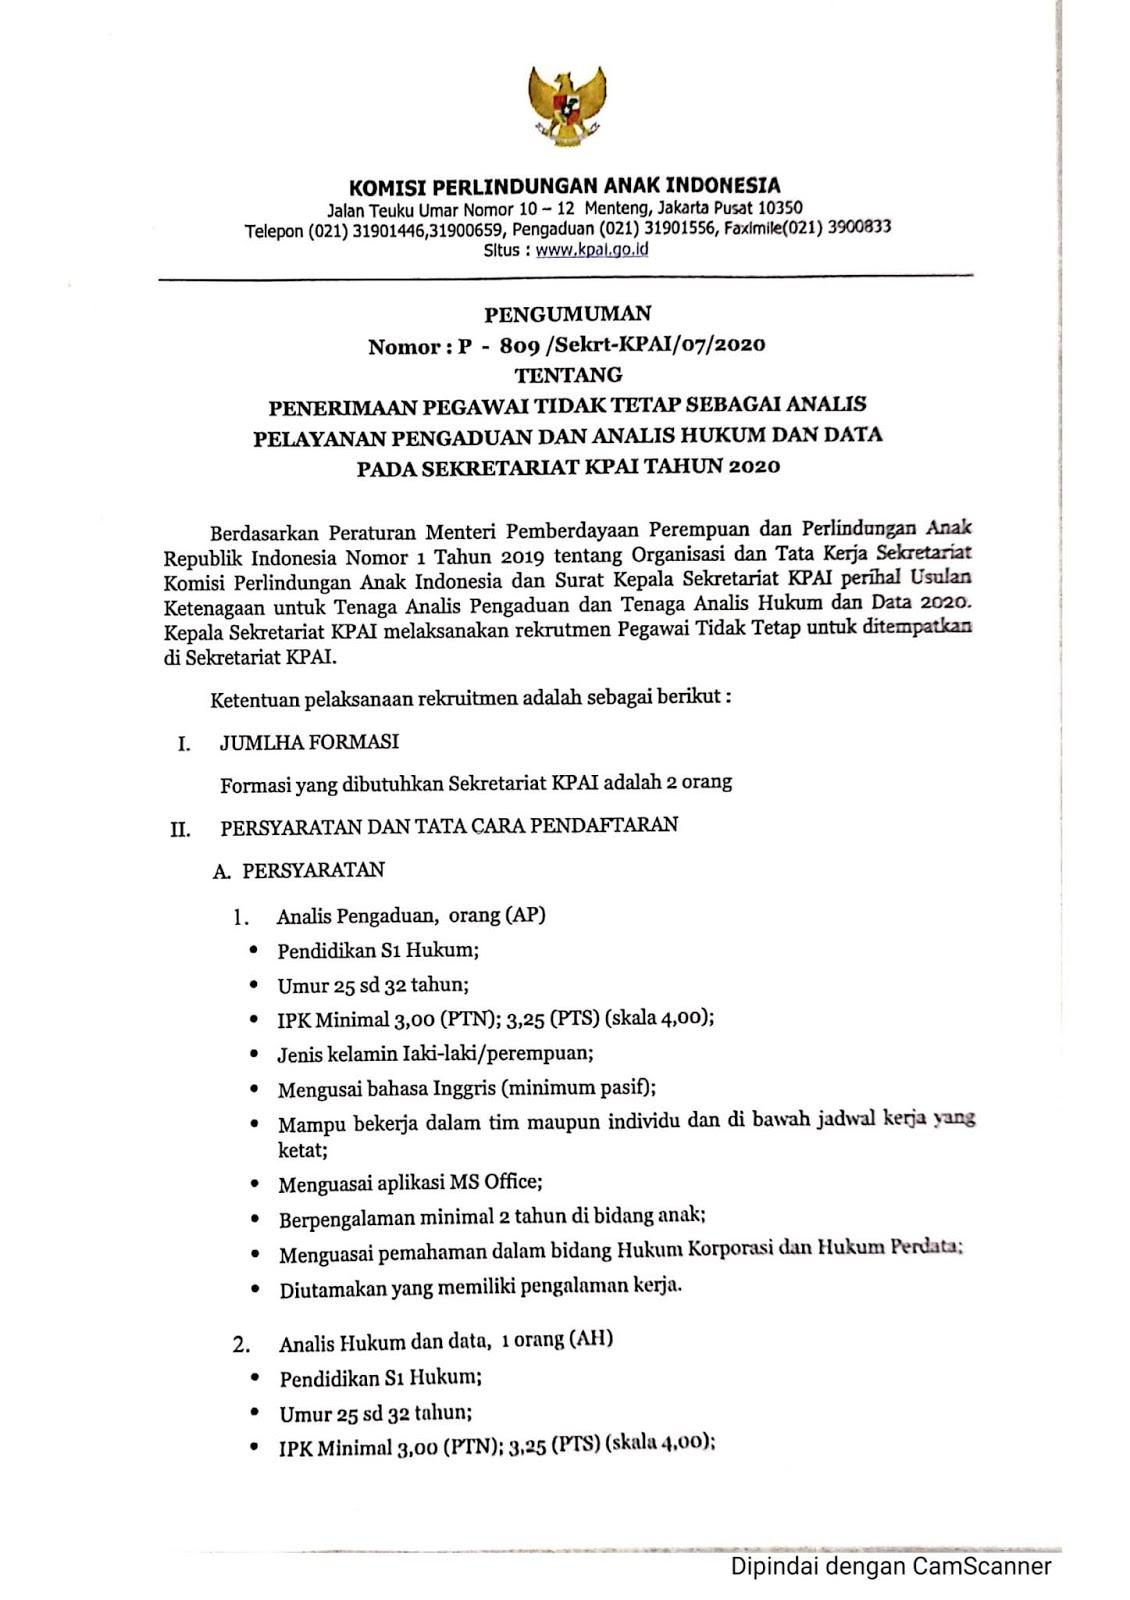 Penerimaan Pegawai Tidak Tetap Komisi Perlindungan Anak Indonesia Juli 2020